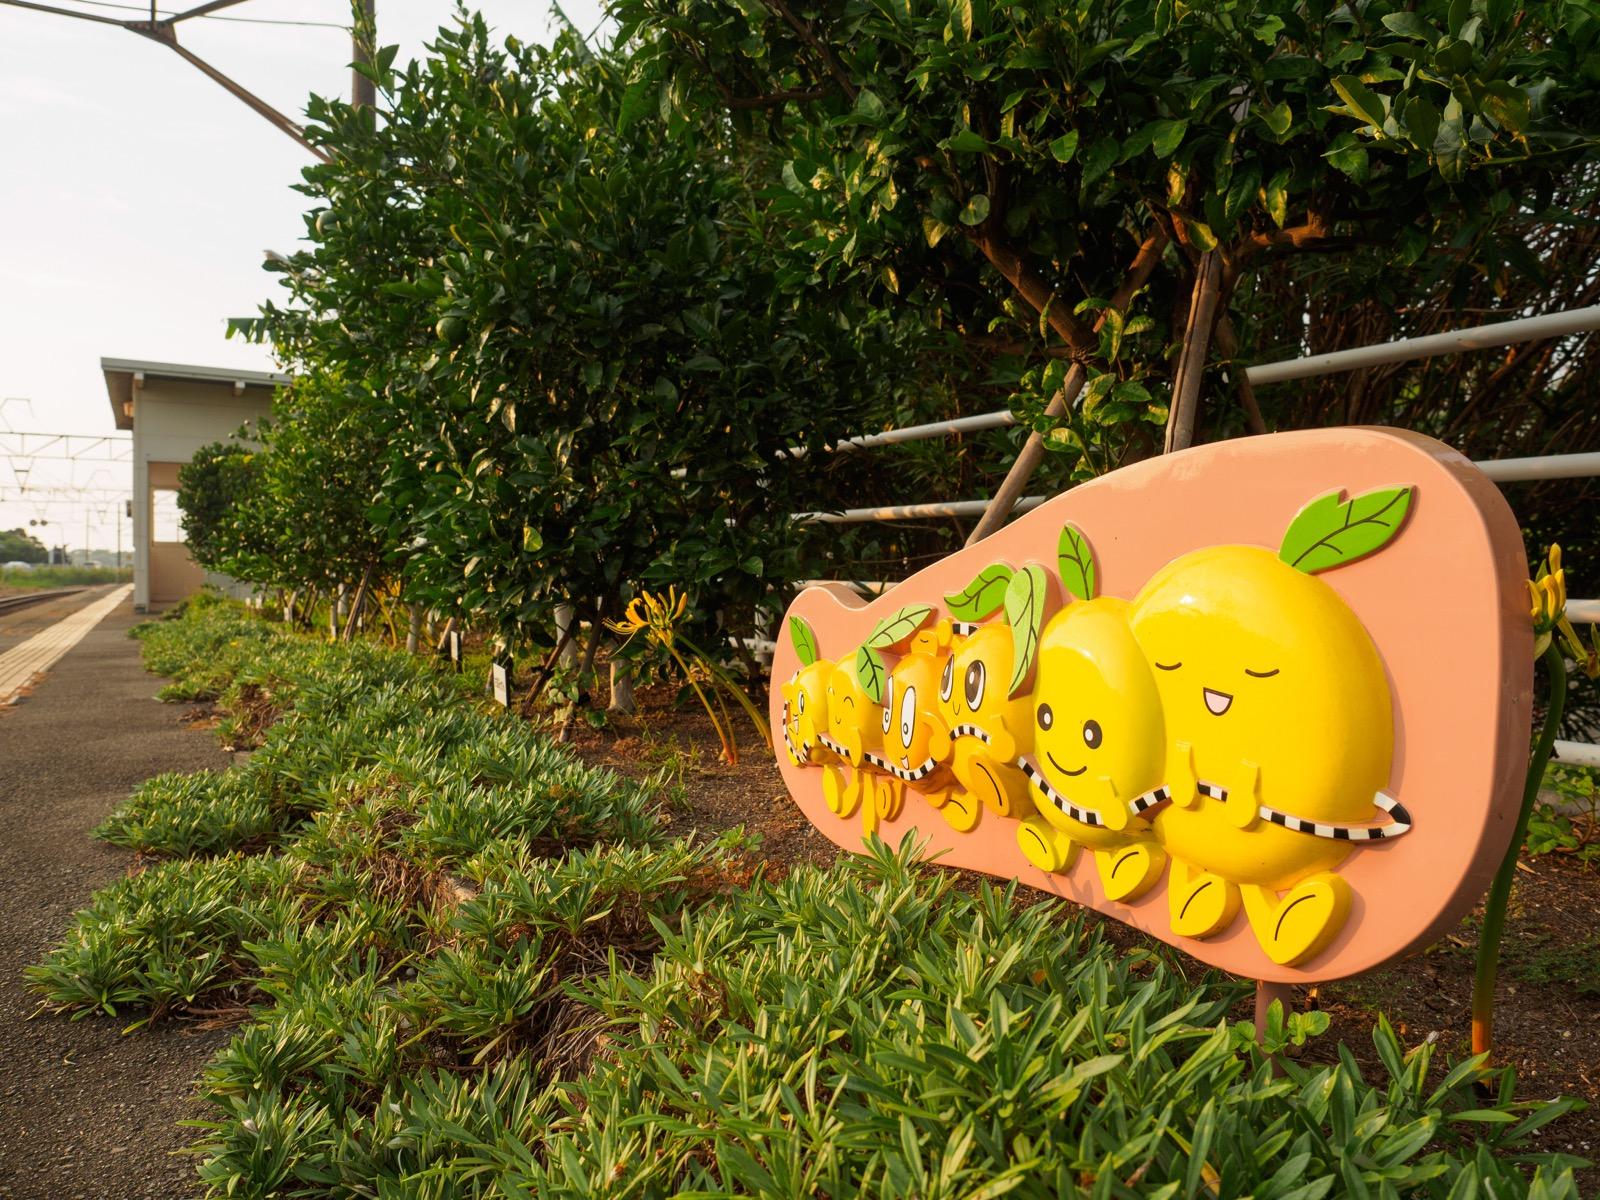 牛ノ浜駅のホームに立つ、肥薩おれんじ鉄道のキャラクター「おれんじーず」の看板